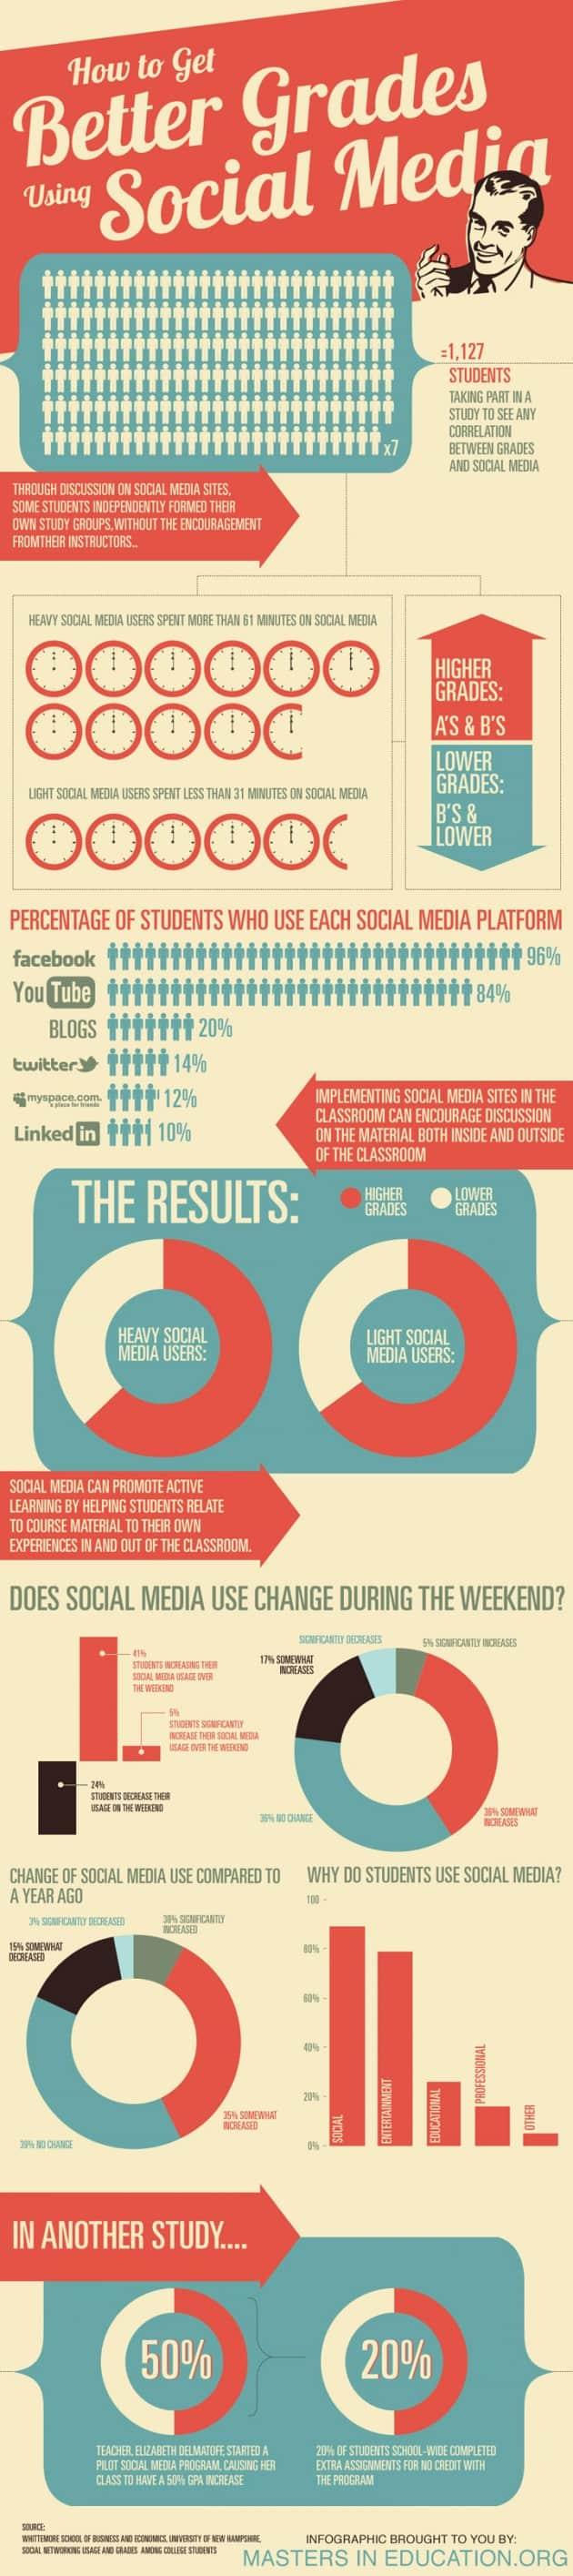 Better Grades via Social Media